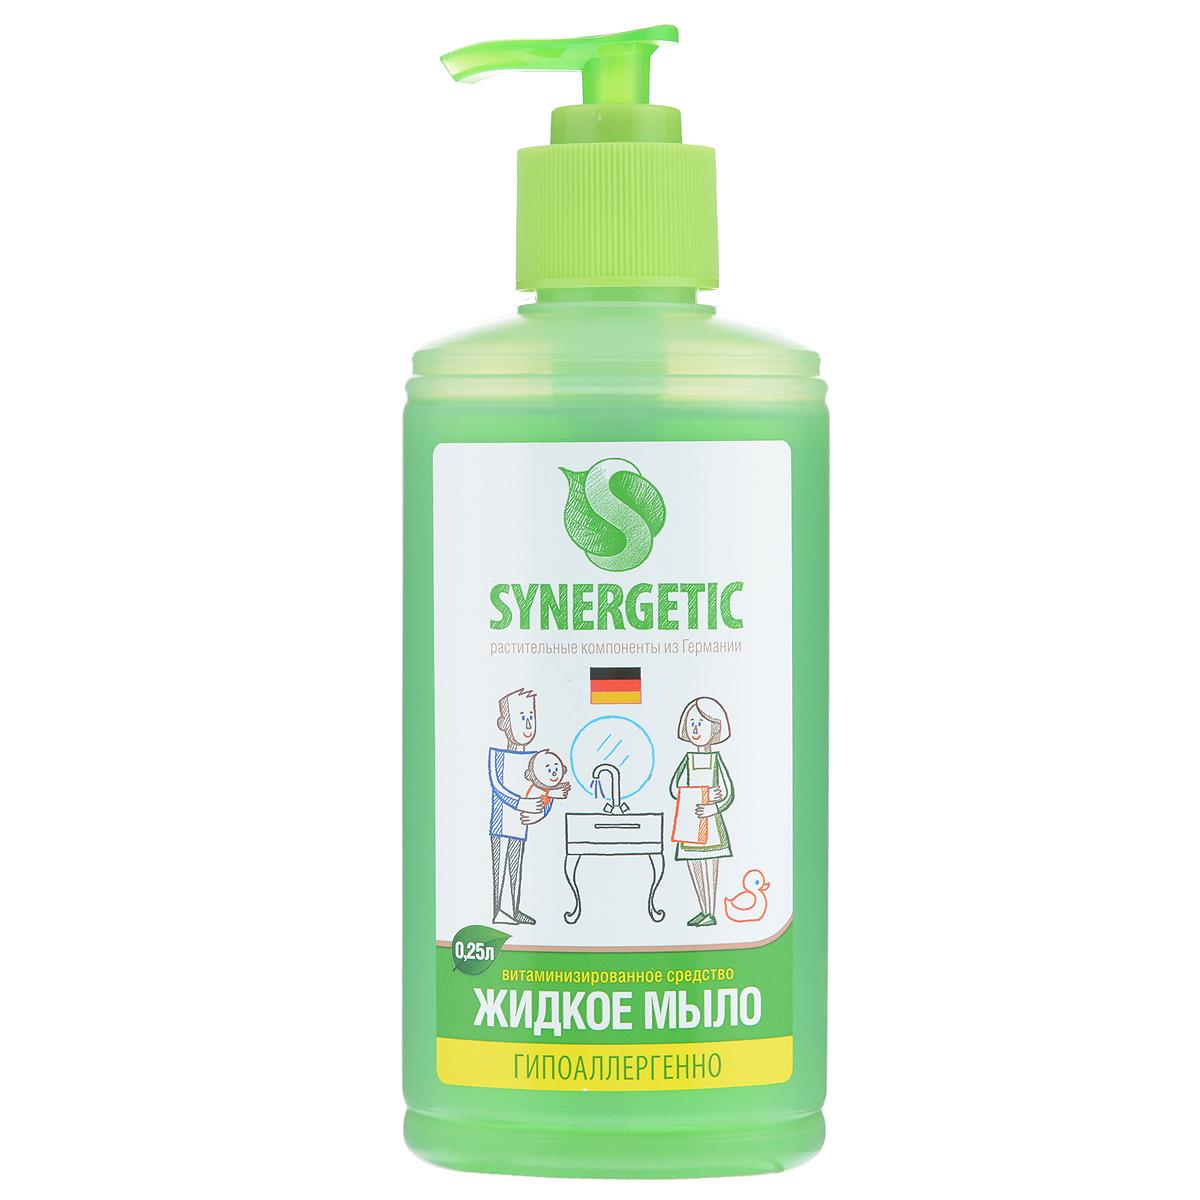 Жидкое мыло Synergetic, 250 мл105025Концентрированное жидкое мыло Synergetic подходит для бережного очищения кожи от любых загрязнений, обладает приятным натуральным ароматом. Особая формула интенсивно питает и защищает вашу кожу, Благодаря только растительным компонентам, входящих в состав, мыло безопасно для детей и животных. Состав: 5-15% А-тензиды (растительного происхождения), глицерин, экстракт полевых трав, пищевой краситель. Товар сертифицирован.